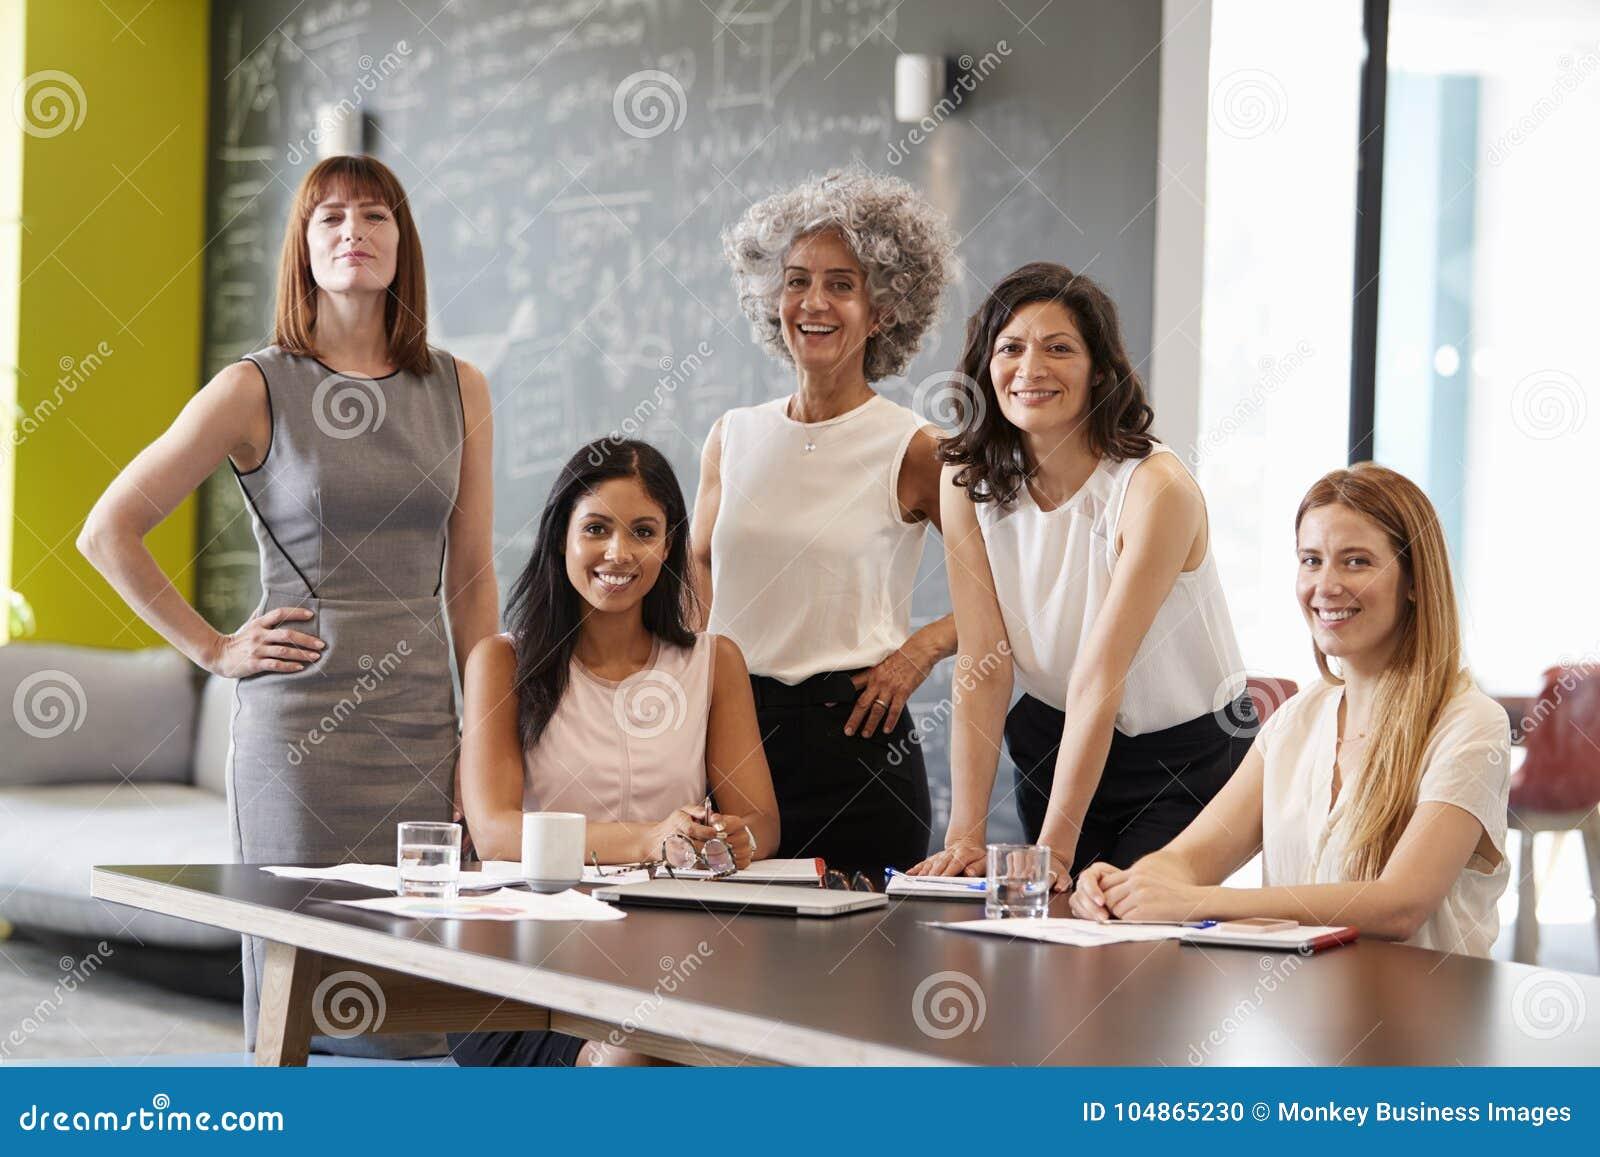 在工作会议上微笑对照相机的五个女性同事